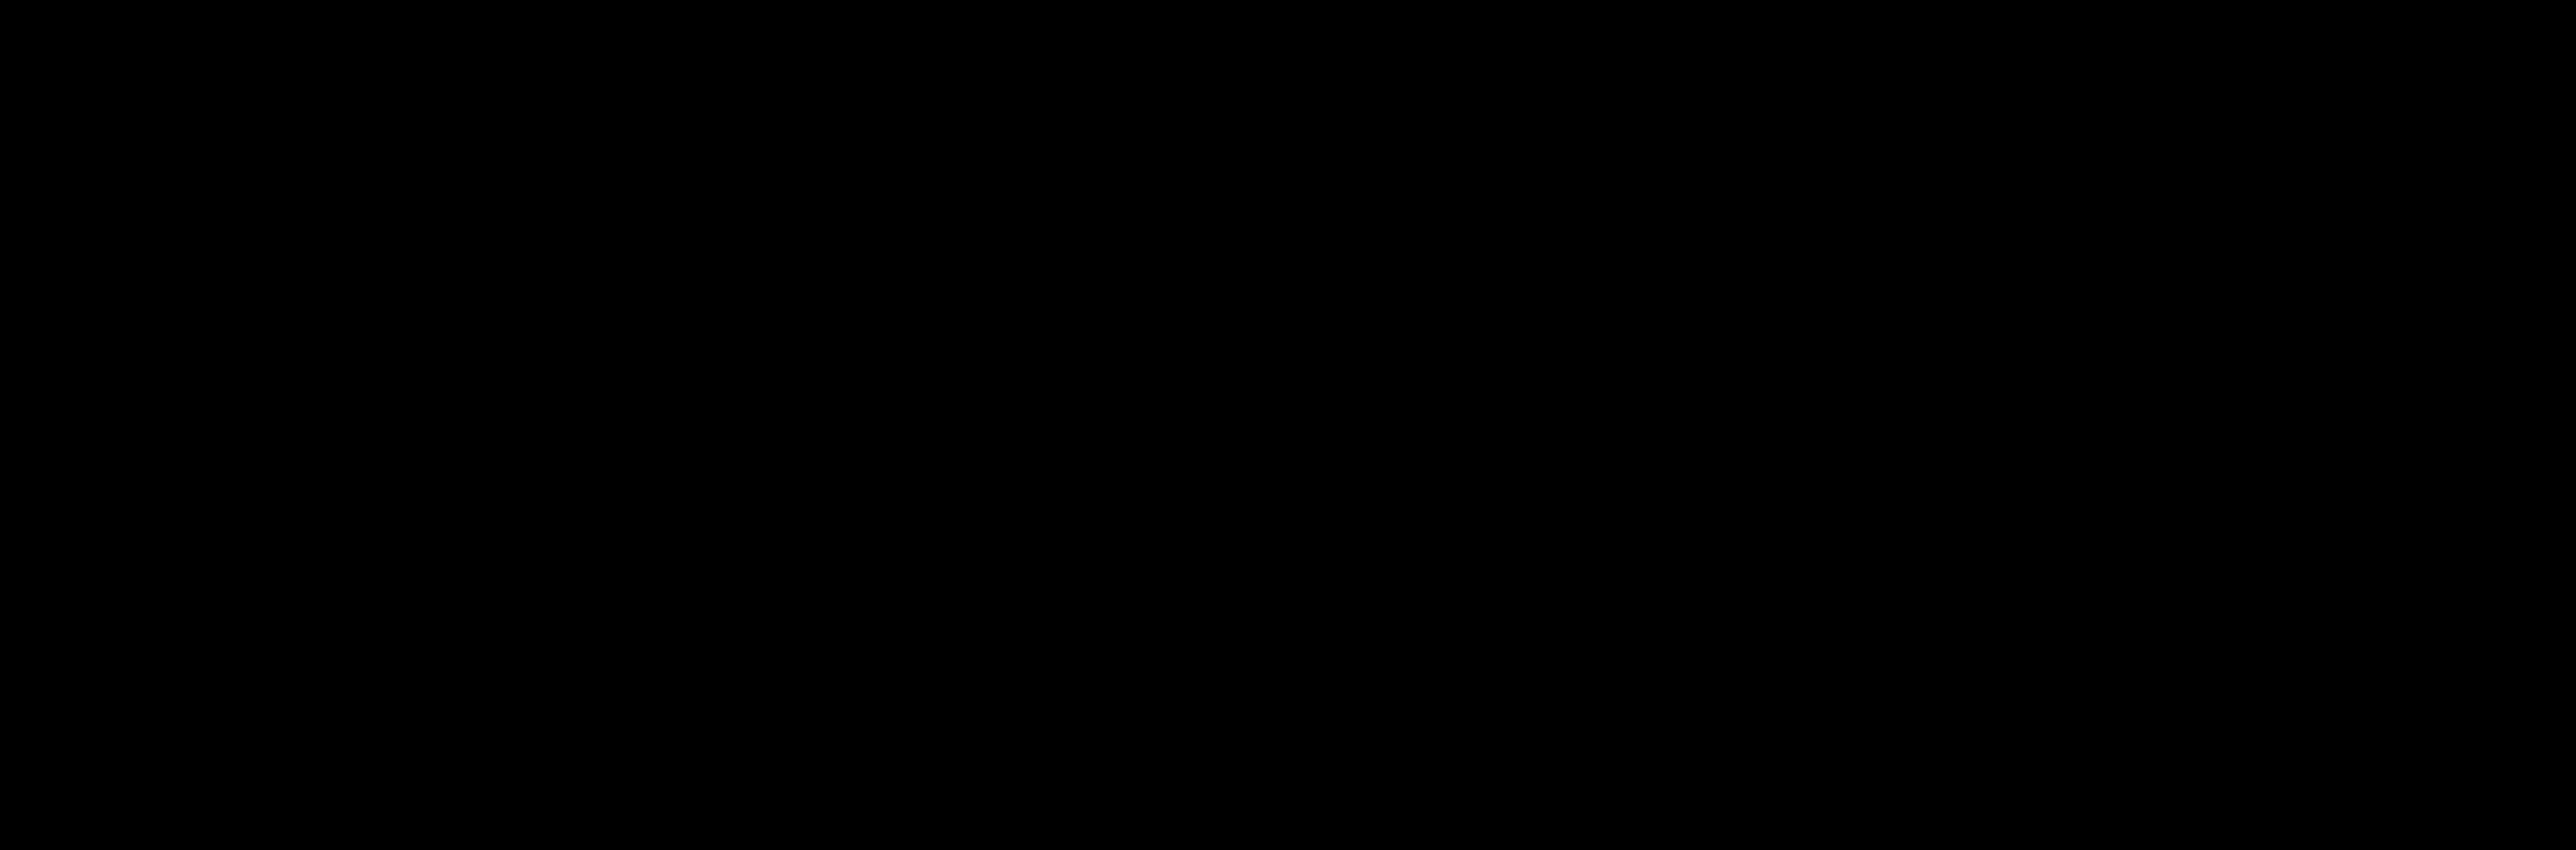 Objet publicitaire - Article promotionnel - Cadeau d'affaire | Boutique en ligne allbranded